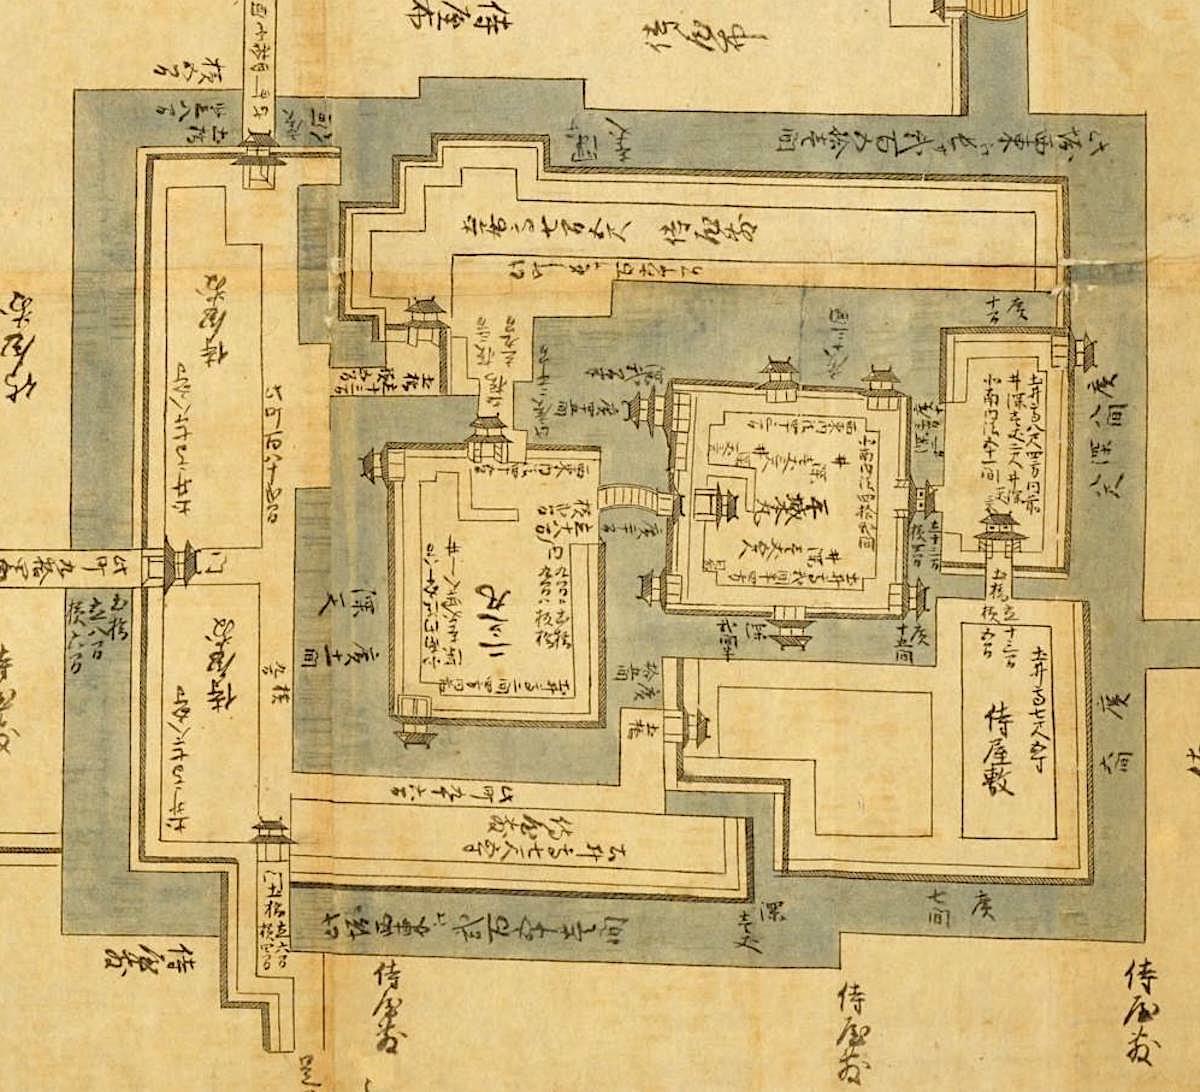 『日本古城絵図 北陸道之部 越後国長岡之城図』